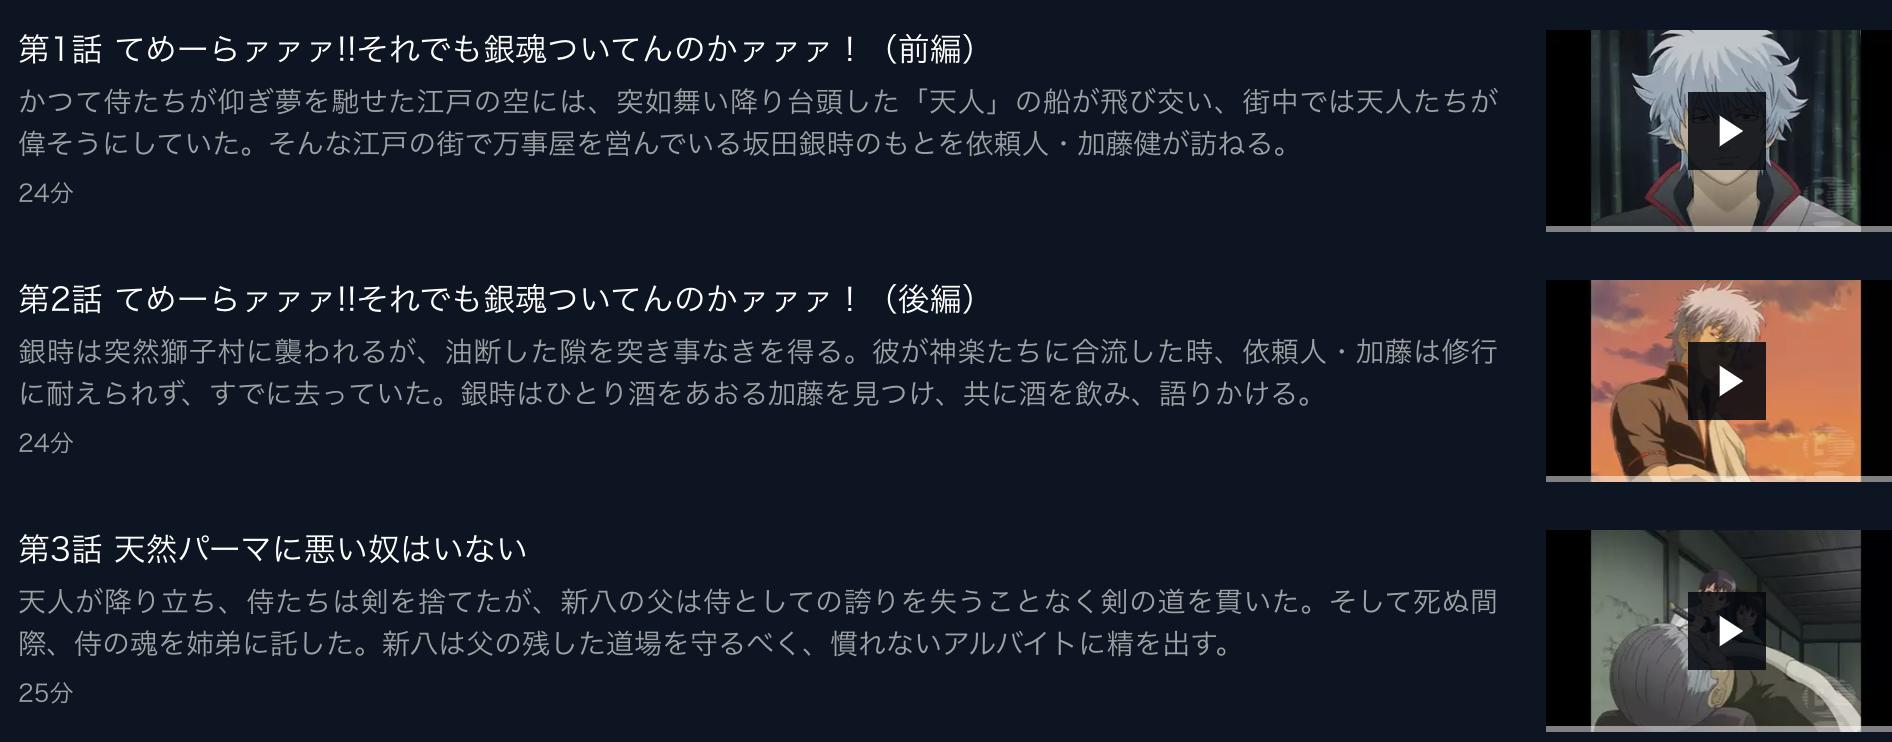 銀魂アニメ